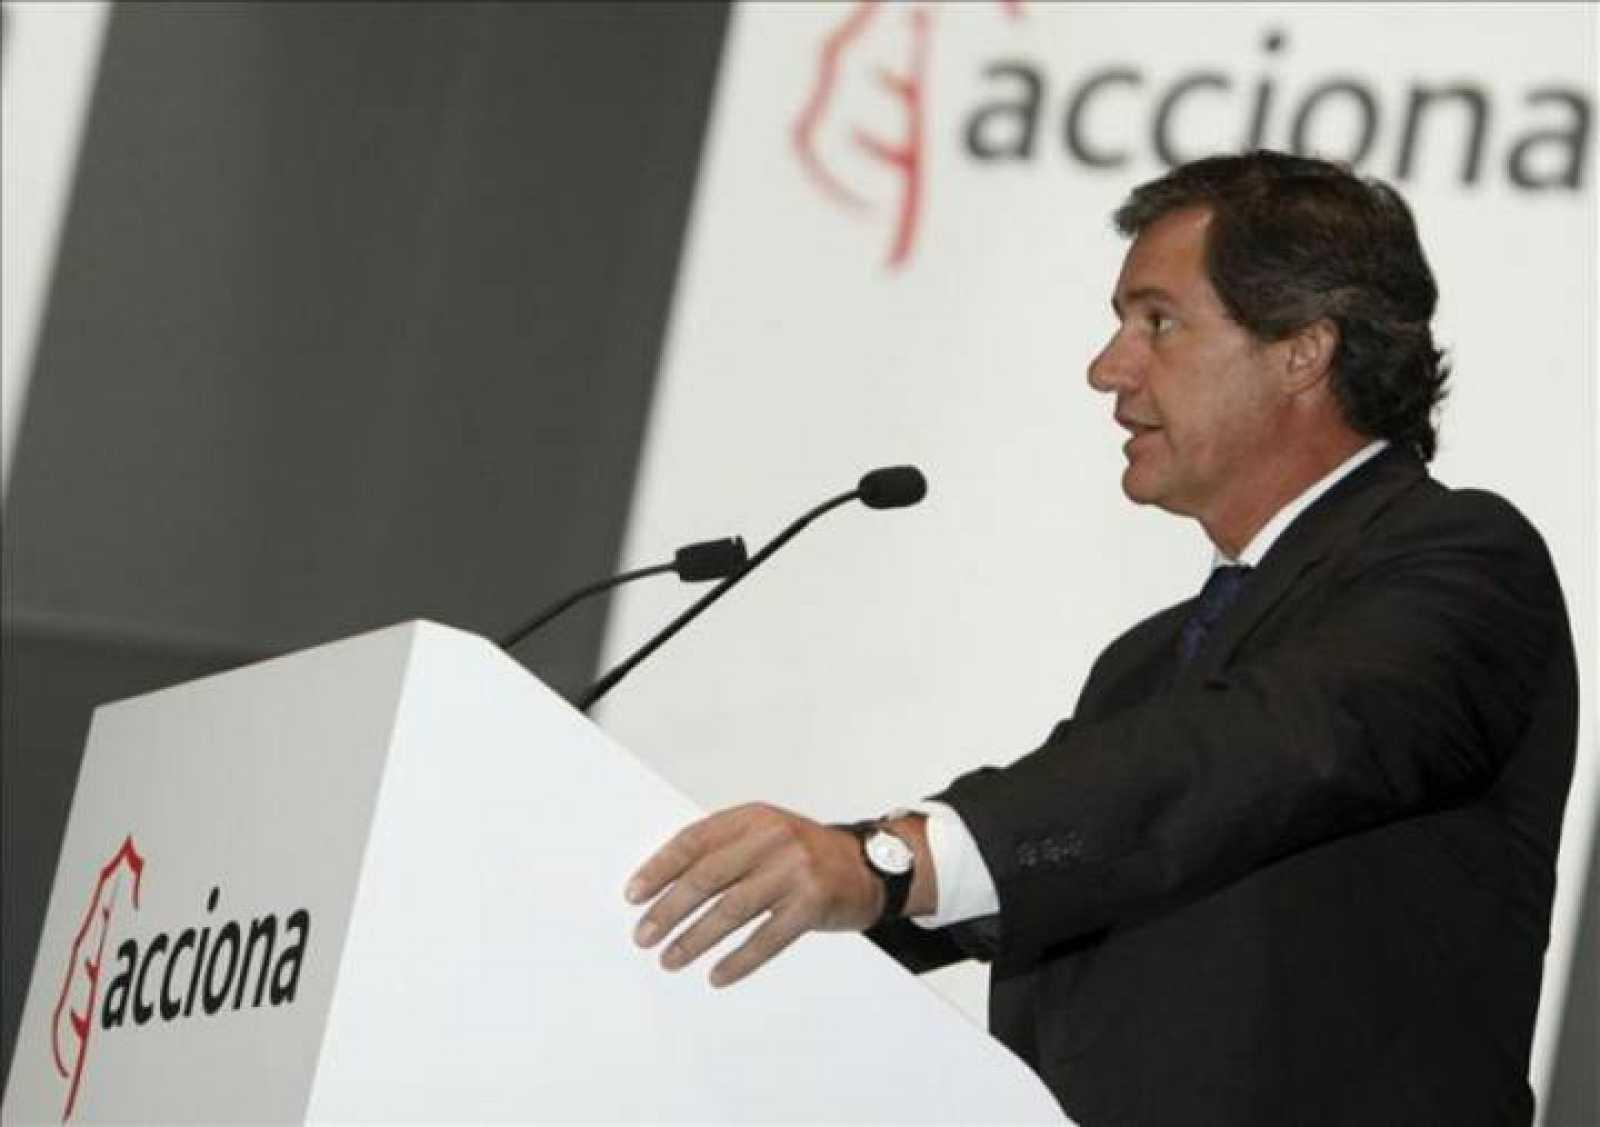 Presidente de Acciona, José Manuel Entrecanales